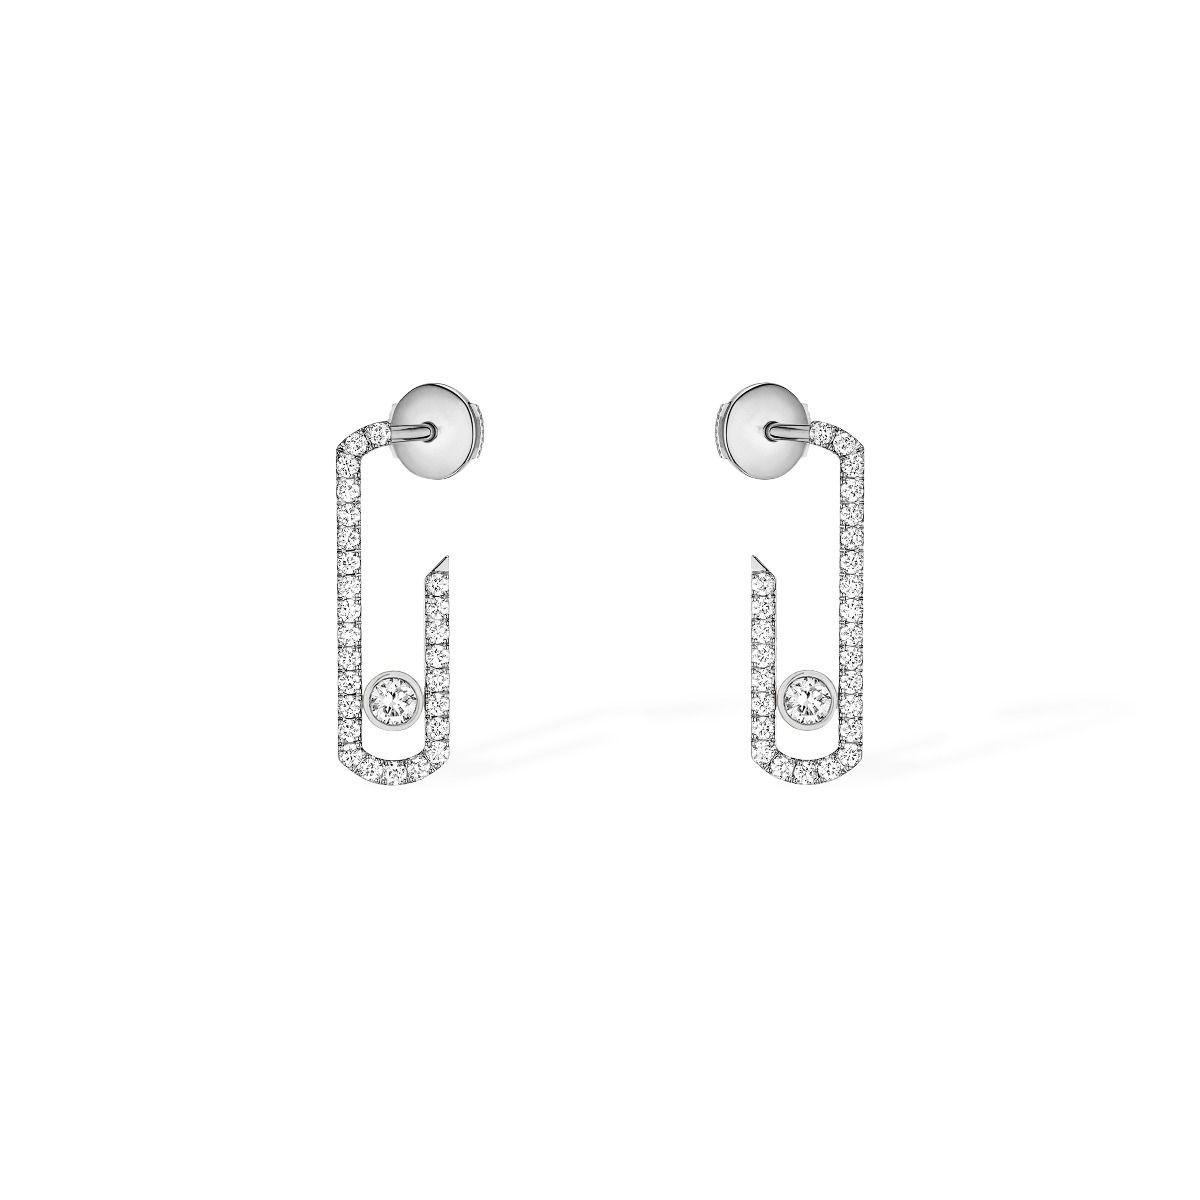 Boucles d'oreilles Messika Move Addiction pavées de diamants en or blanc